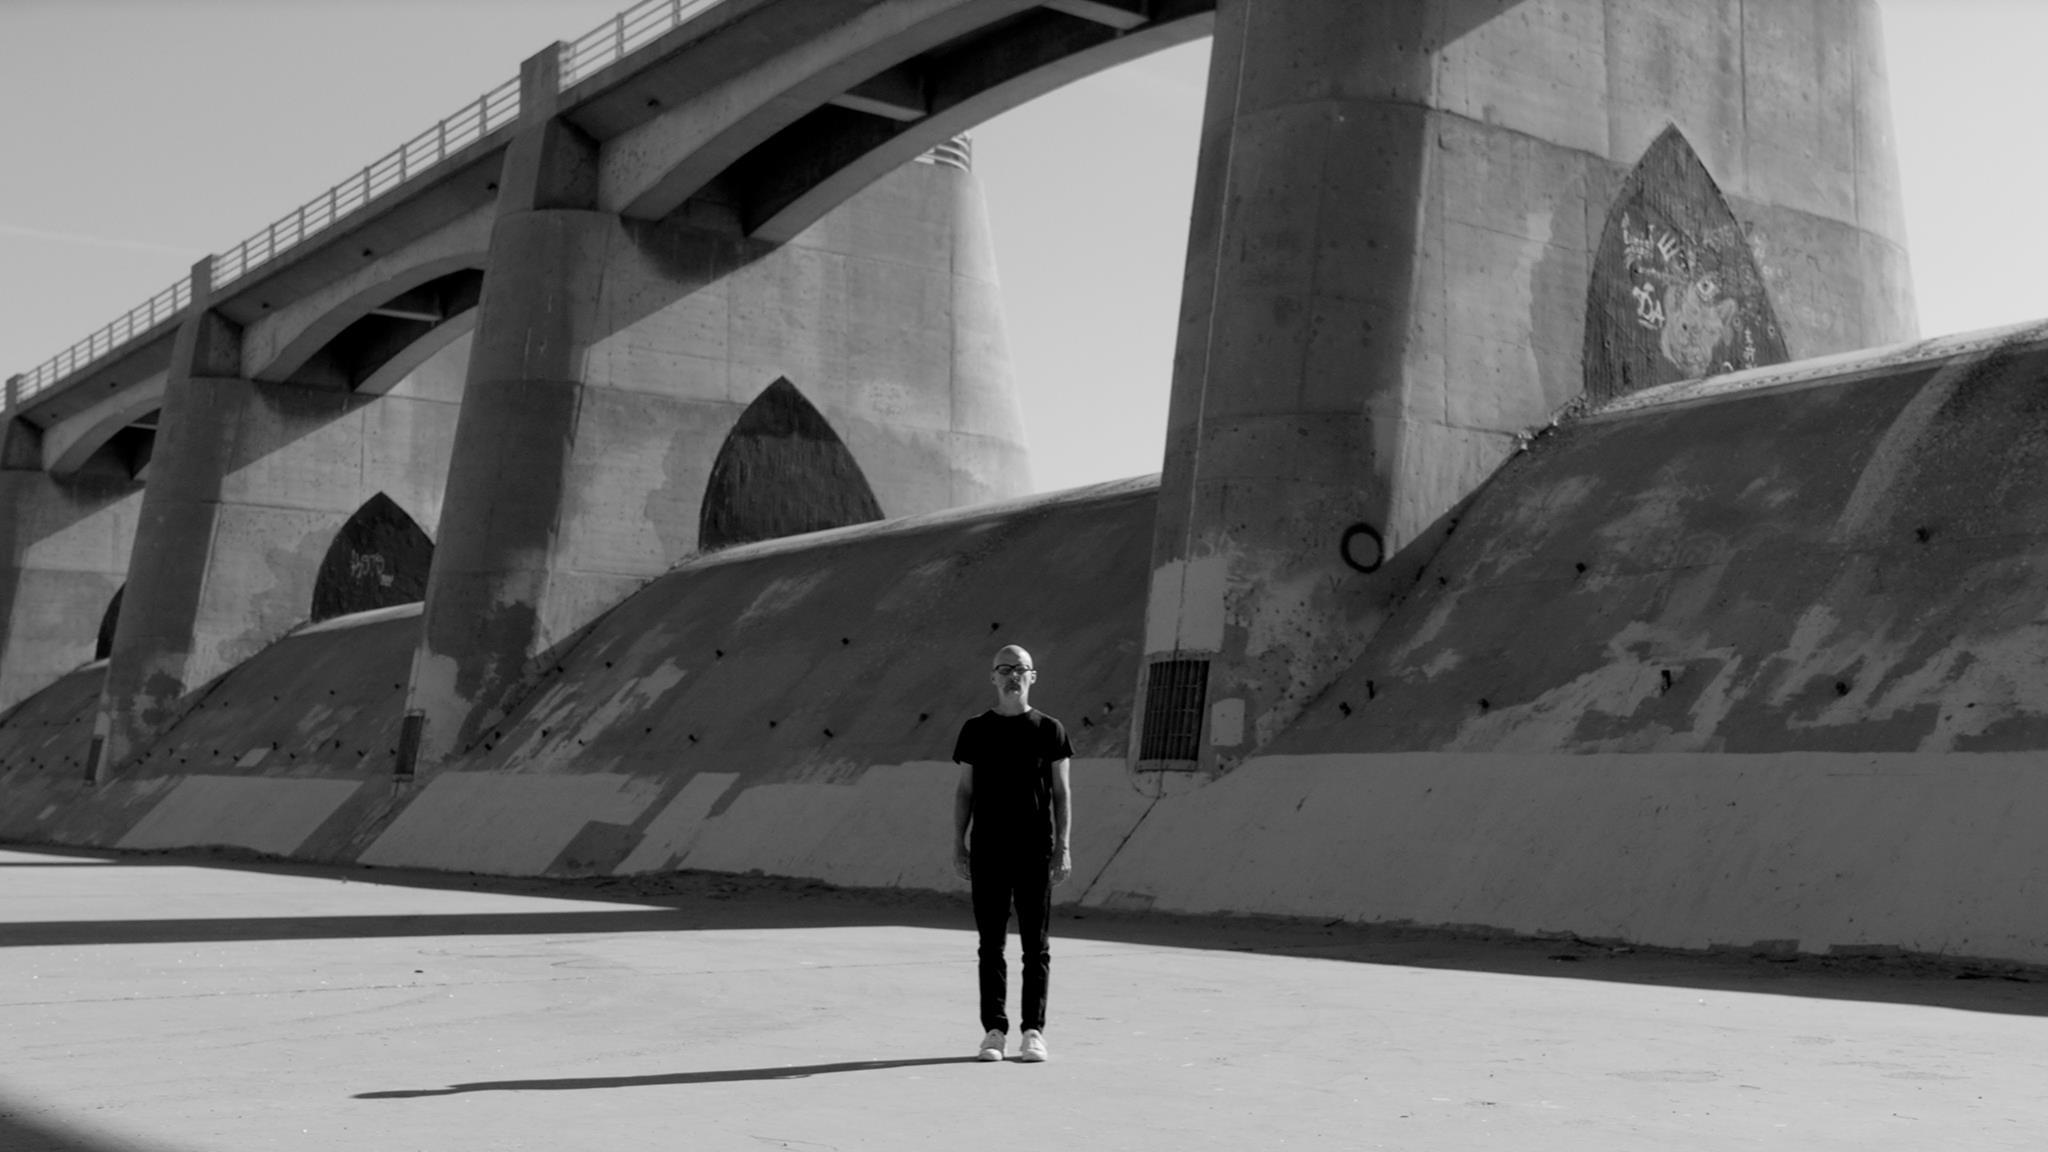 2018 metais pasirodys 15-asis Moby albumas